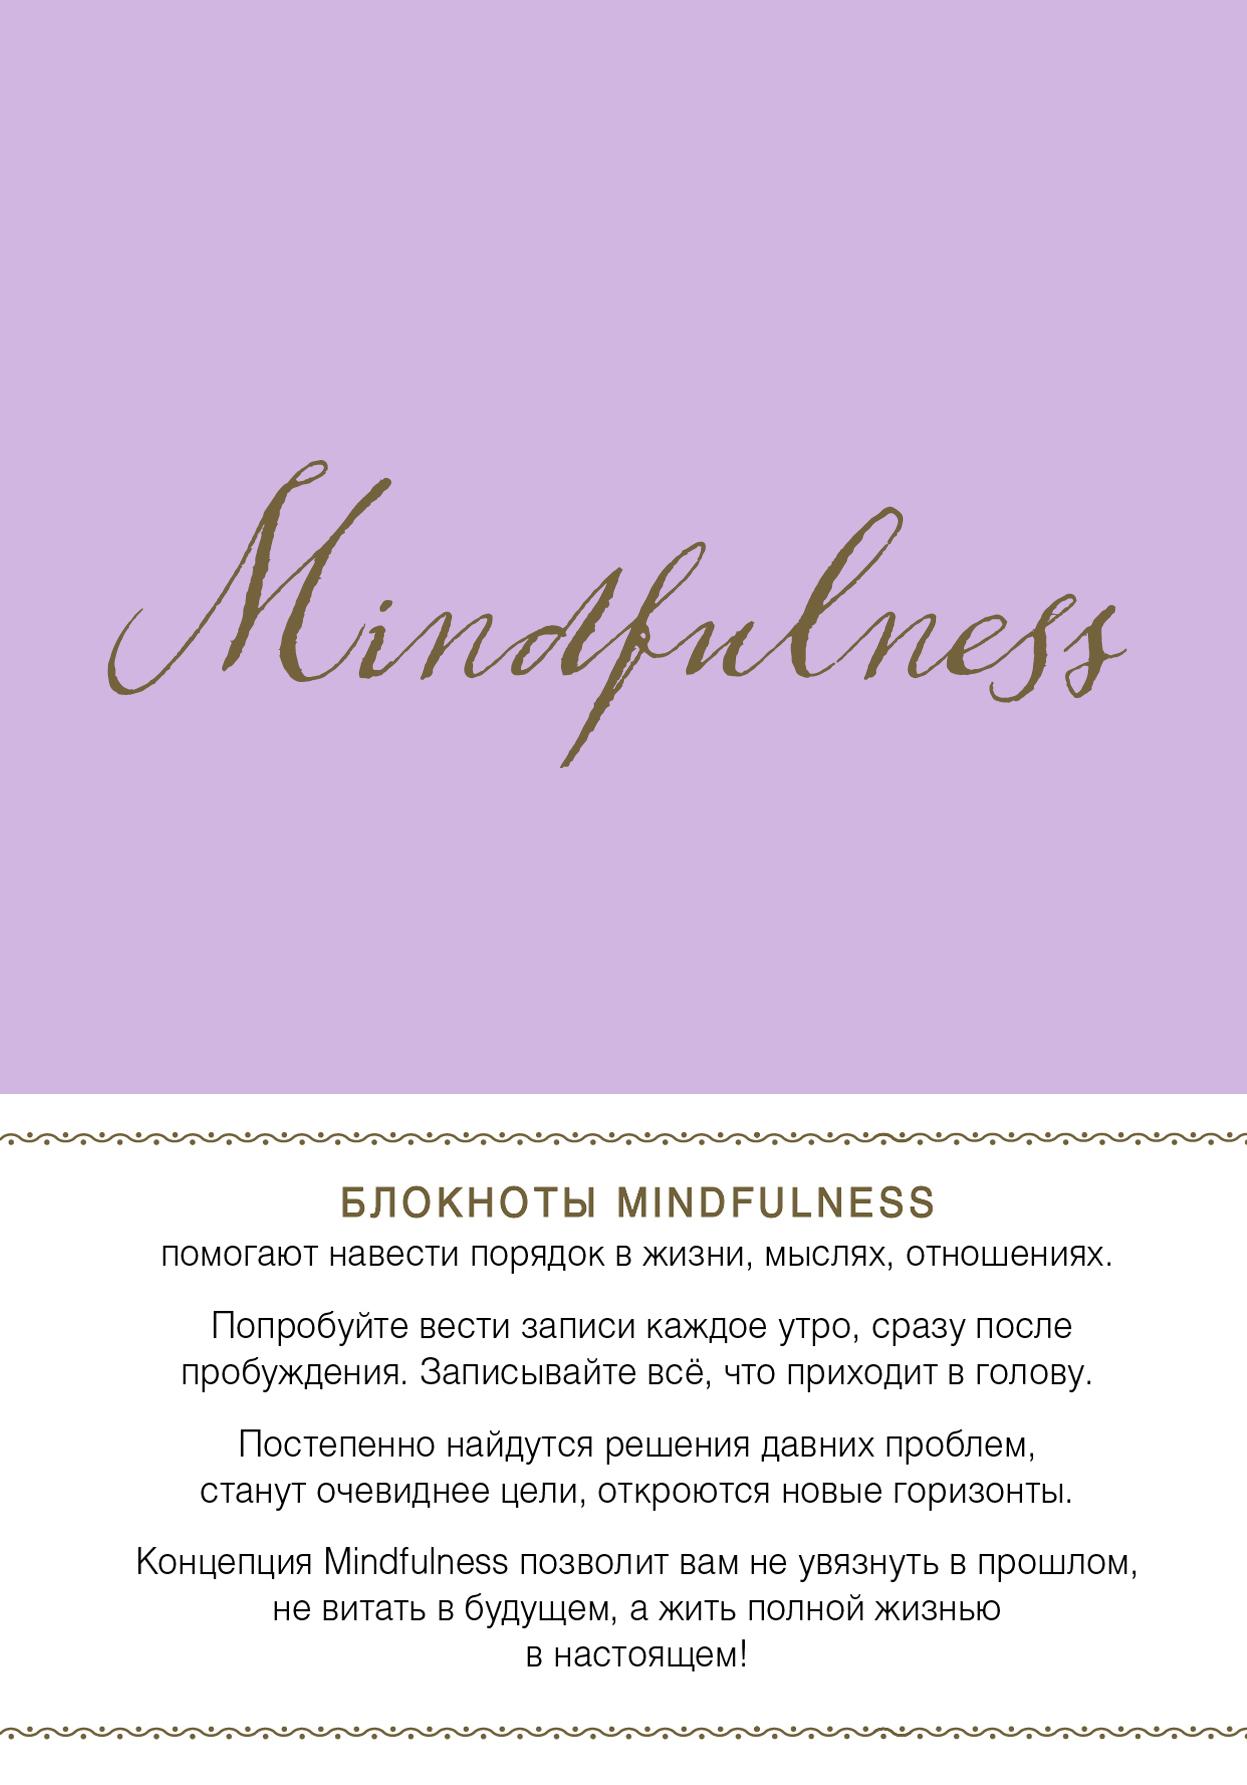 Mindfulness. Утренние страницы. Блокнот mind ulness утренние страницы лимон